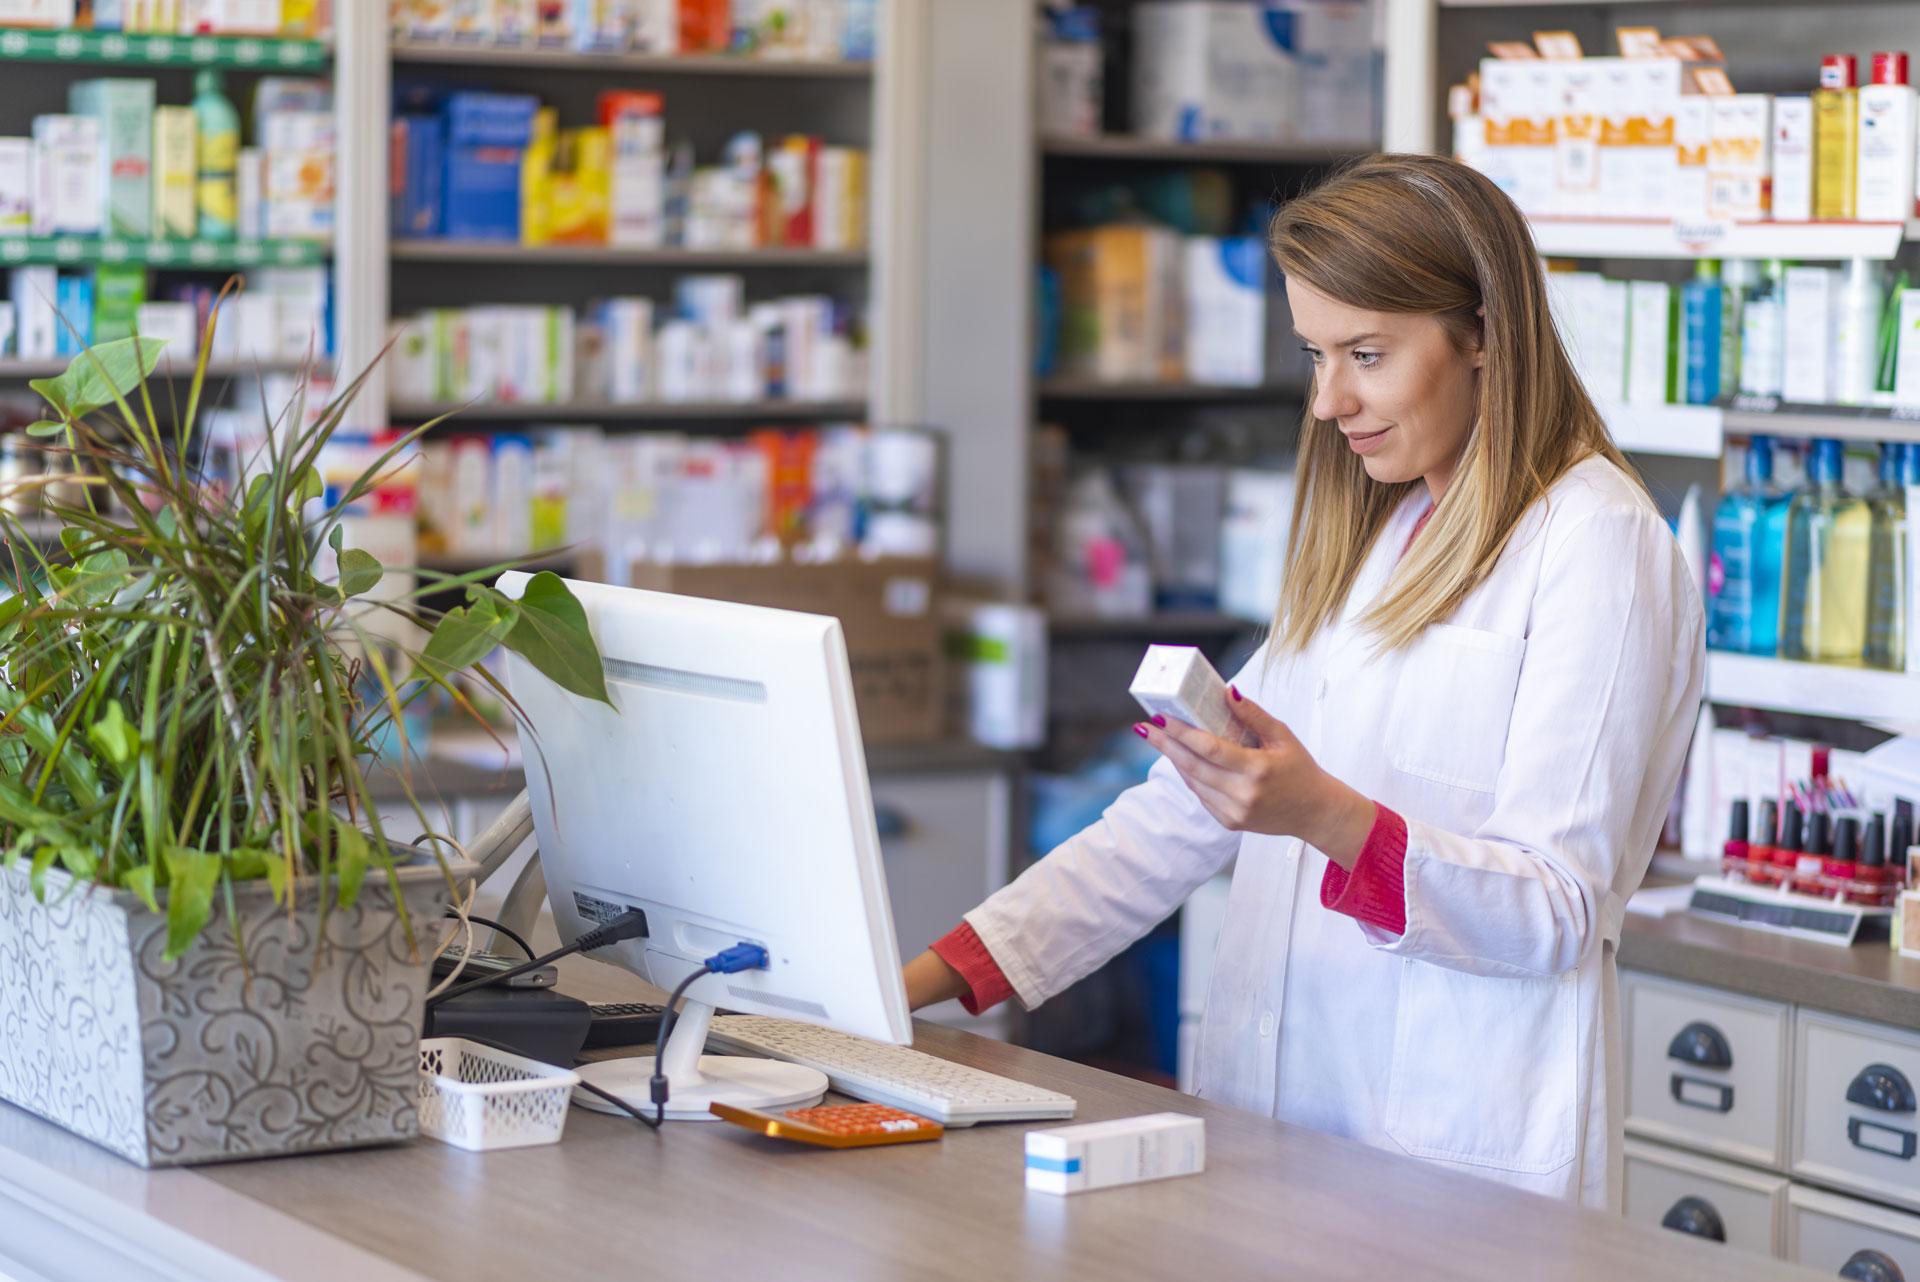 Die TraceMed Software in der Apotheke ist ein einfaches und intuitives Werkzeug für die Statusprüfung und Austragung (Rückruf) von Arzneimittelverpackungen bei AMVS.